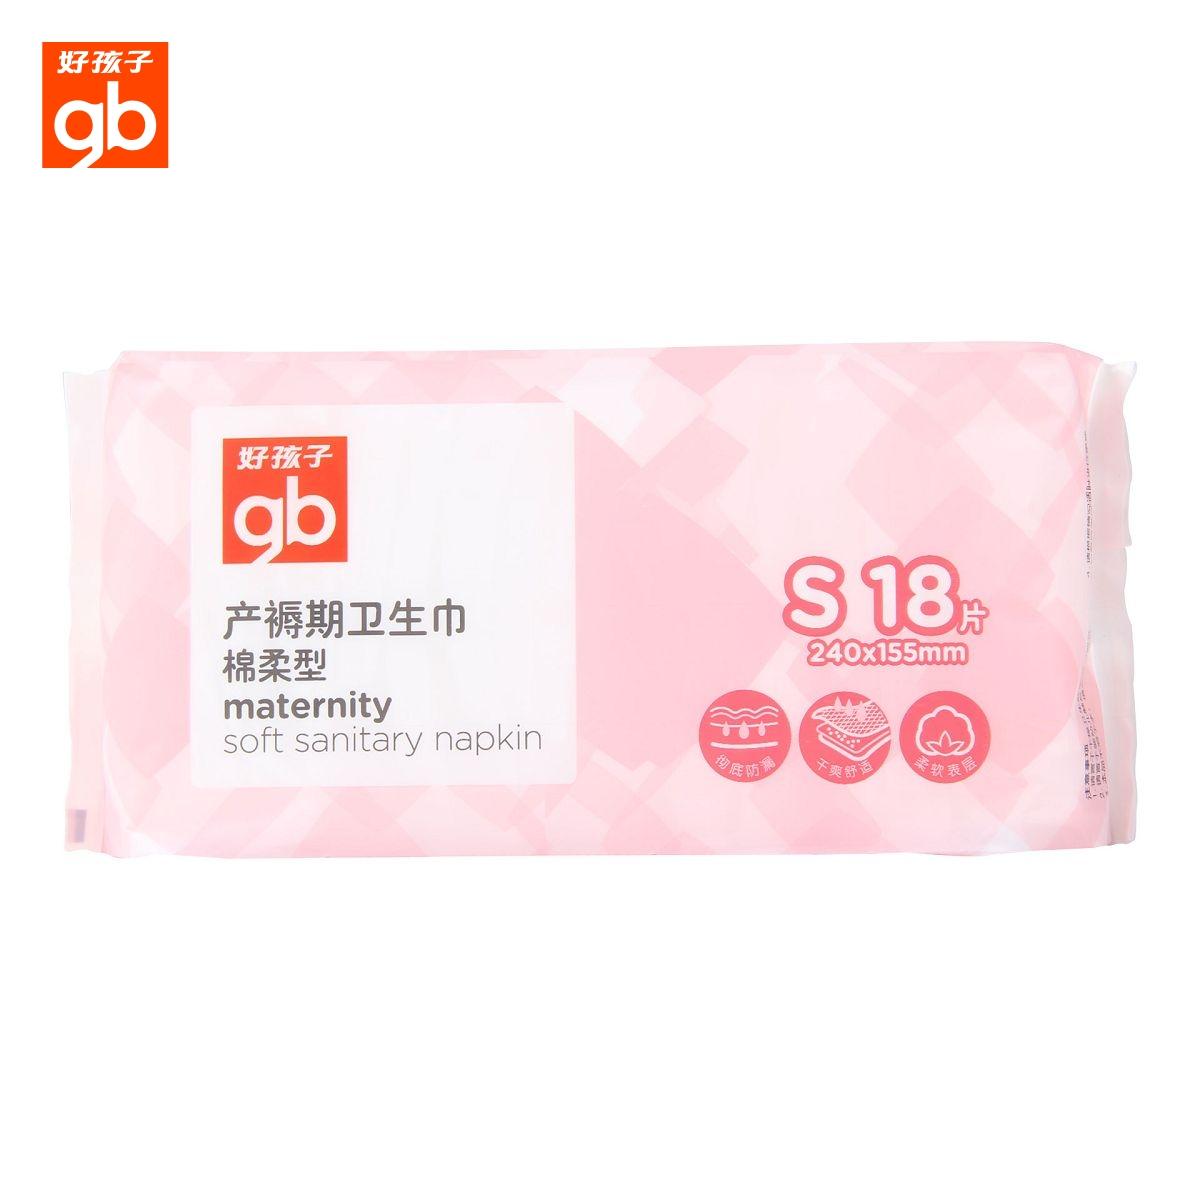 好孩子孕妇产褥期卫生巾 goodbaby产妇卫生巾 棉柔型S